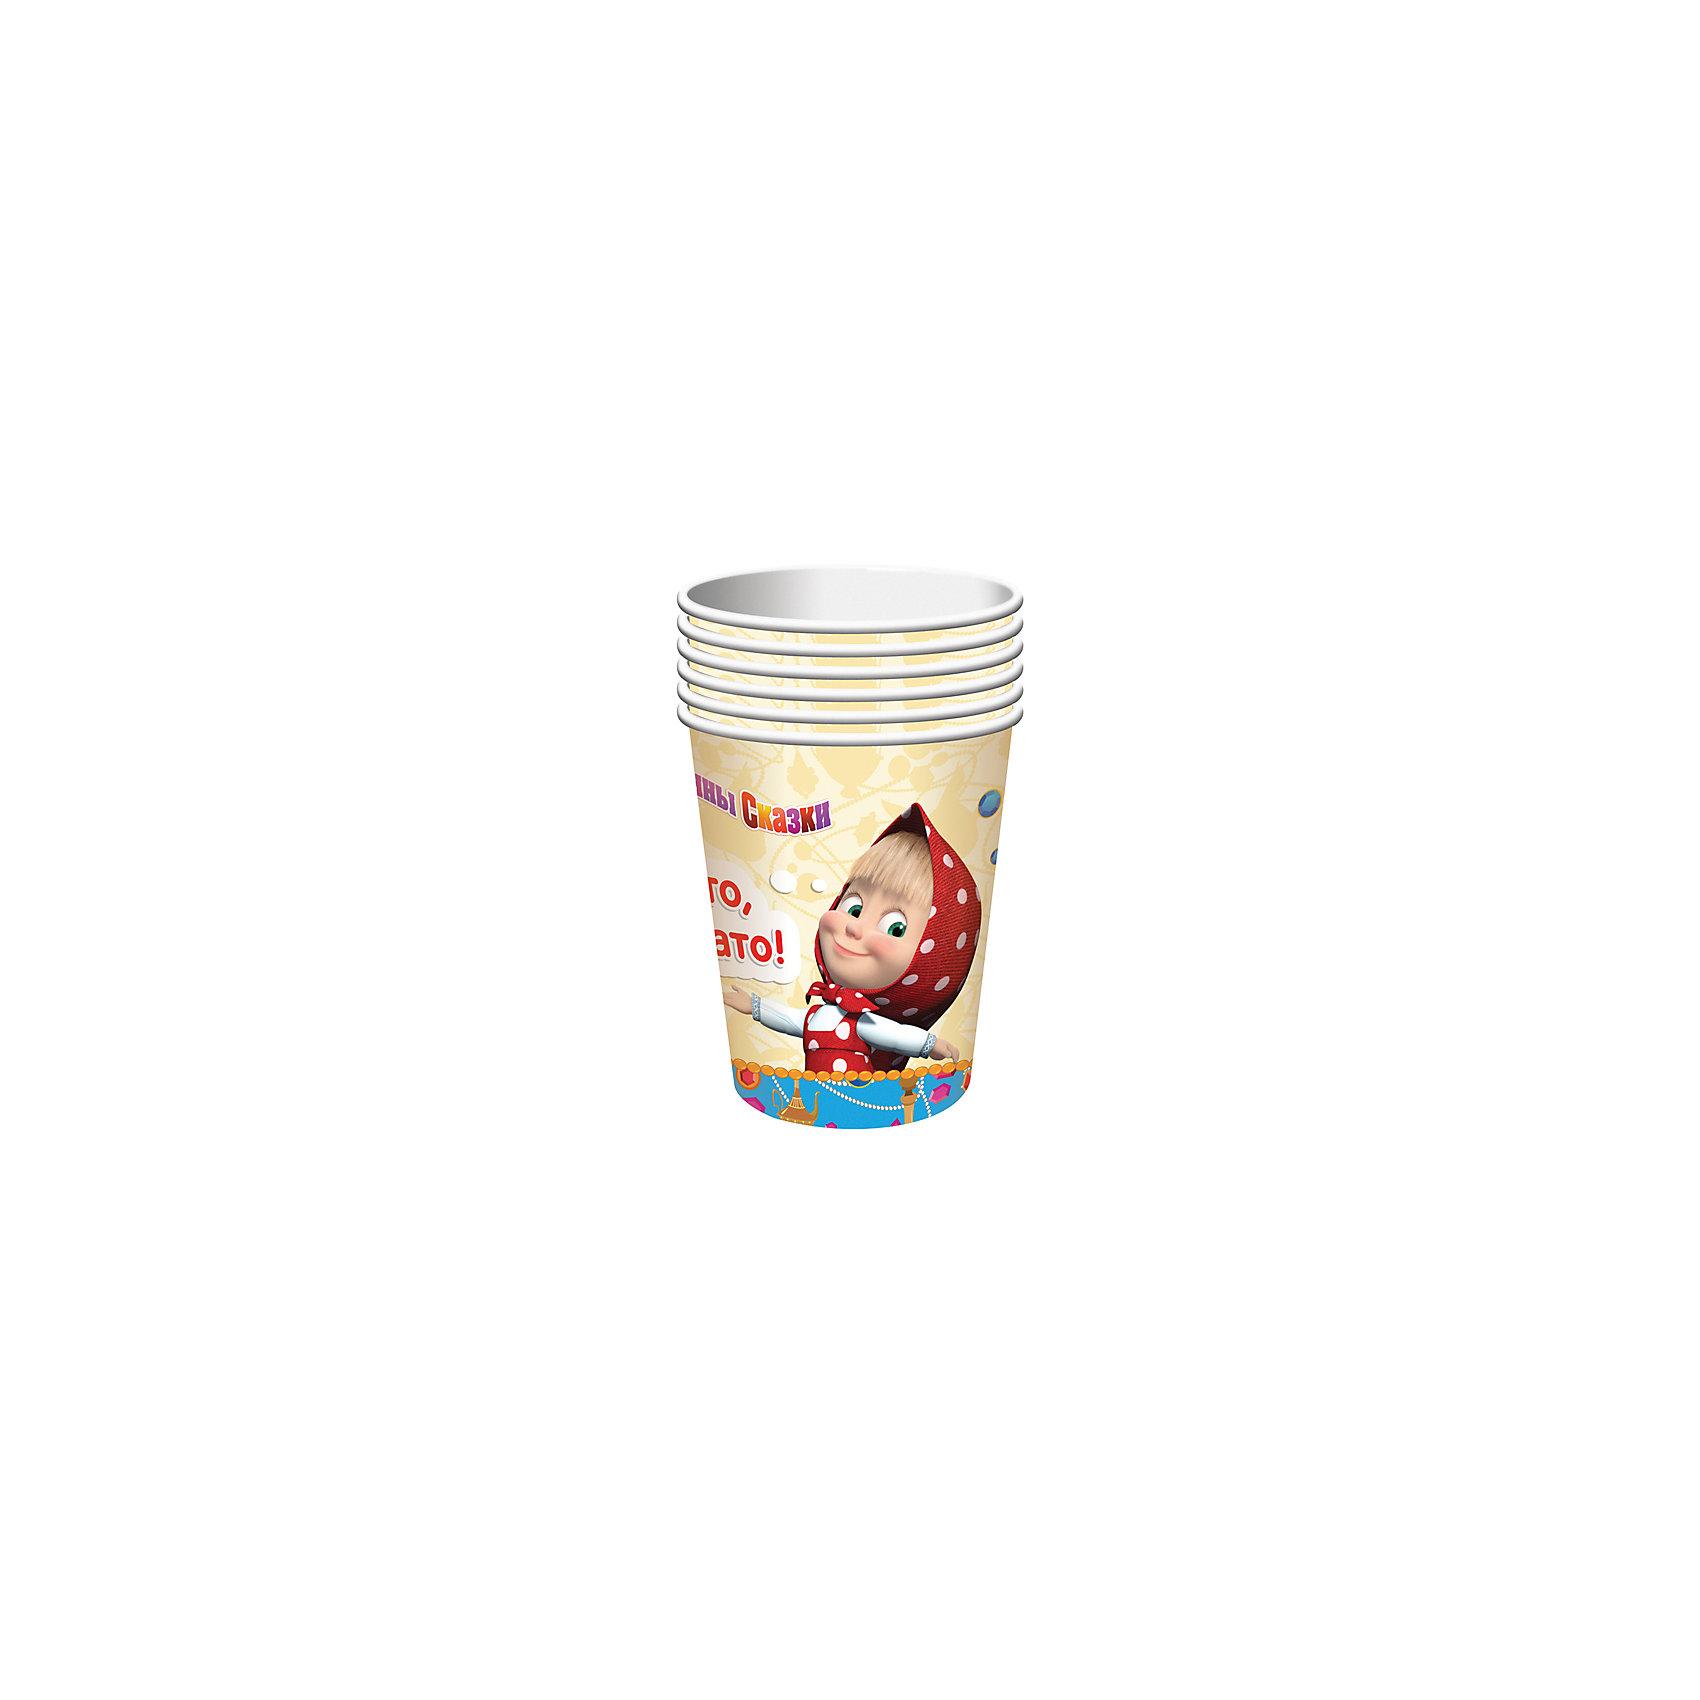 Росмэн Набор стаканов Машины сказки (210 мл, 6 шт) стерлитамак магазин швейные машины купить